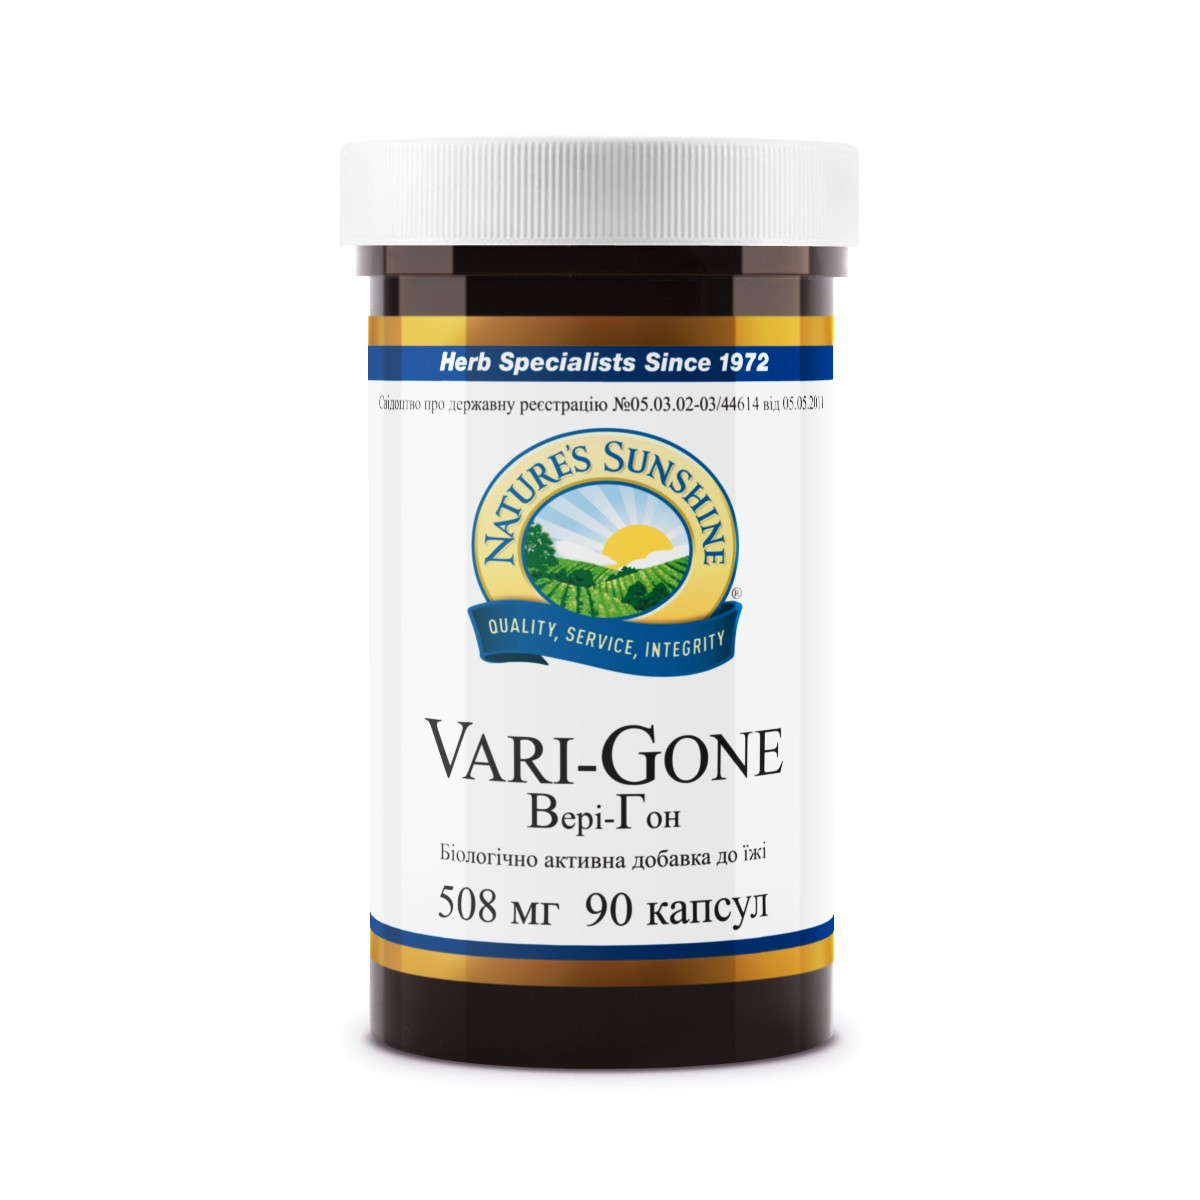 Вэри Гон капсулы (Vari-Gone) бад NSP